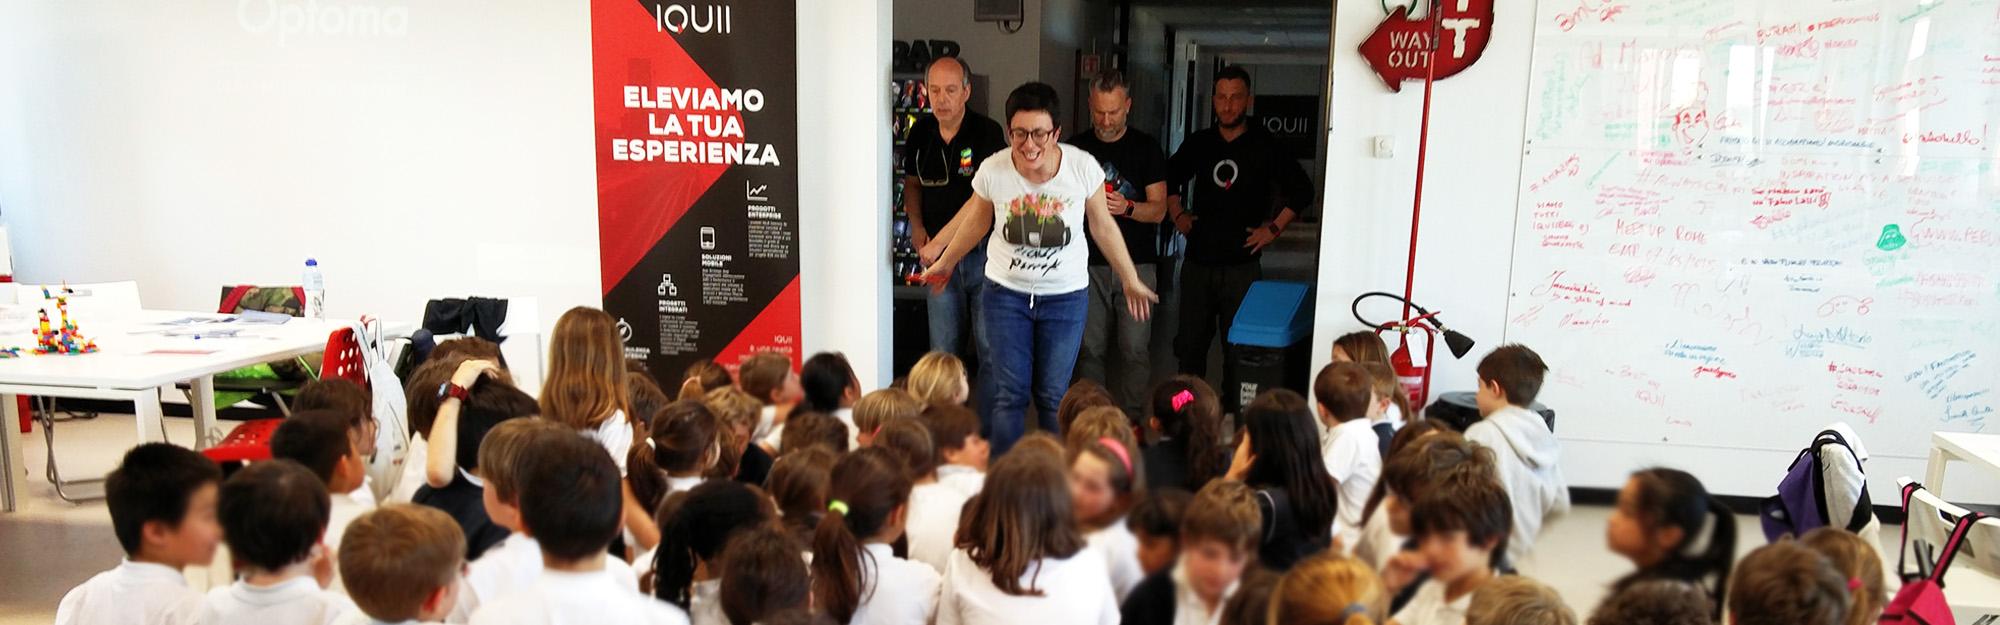 Quriosity Camp: il workshop per bambini sul mondo delle app